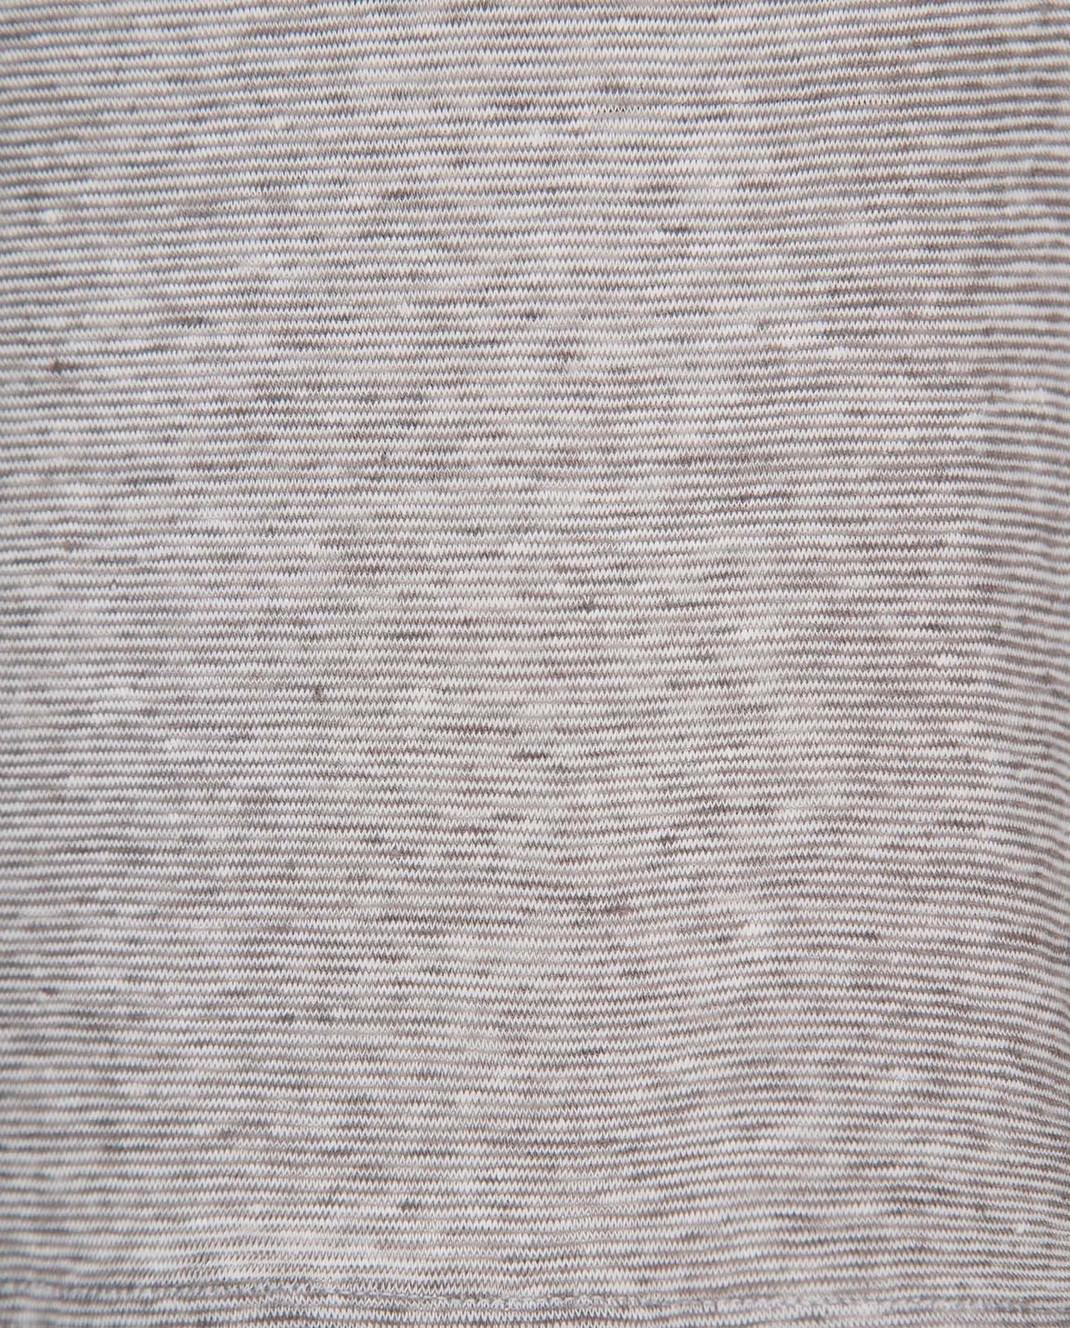 Eleventy Серый топ из льна 980TS0053 изображение 5